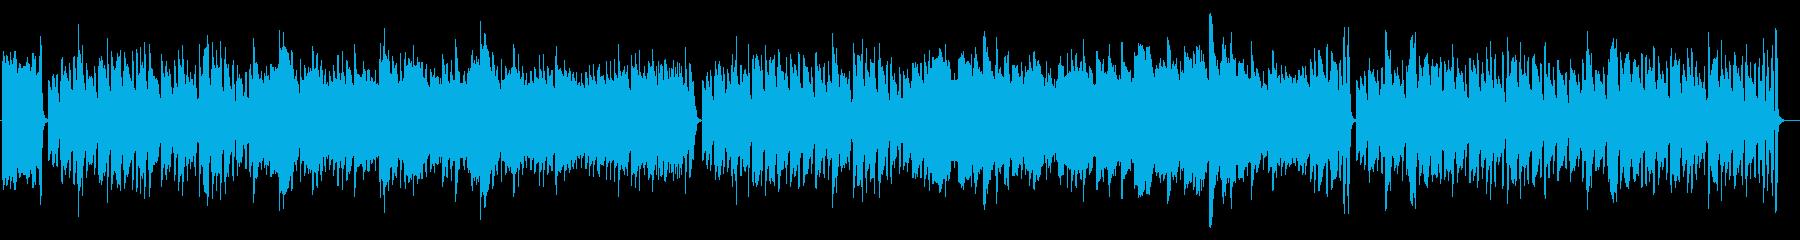 ジブリ風 アニメ 子供 絵本 夏の再生済みの波形